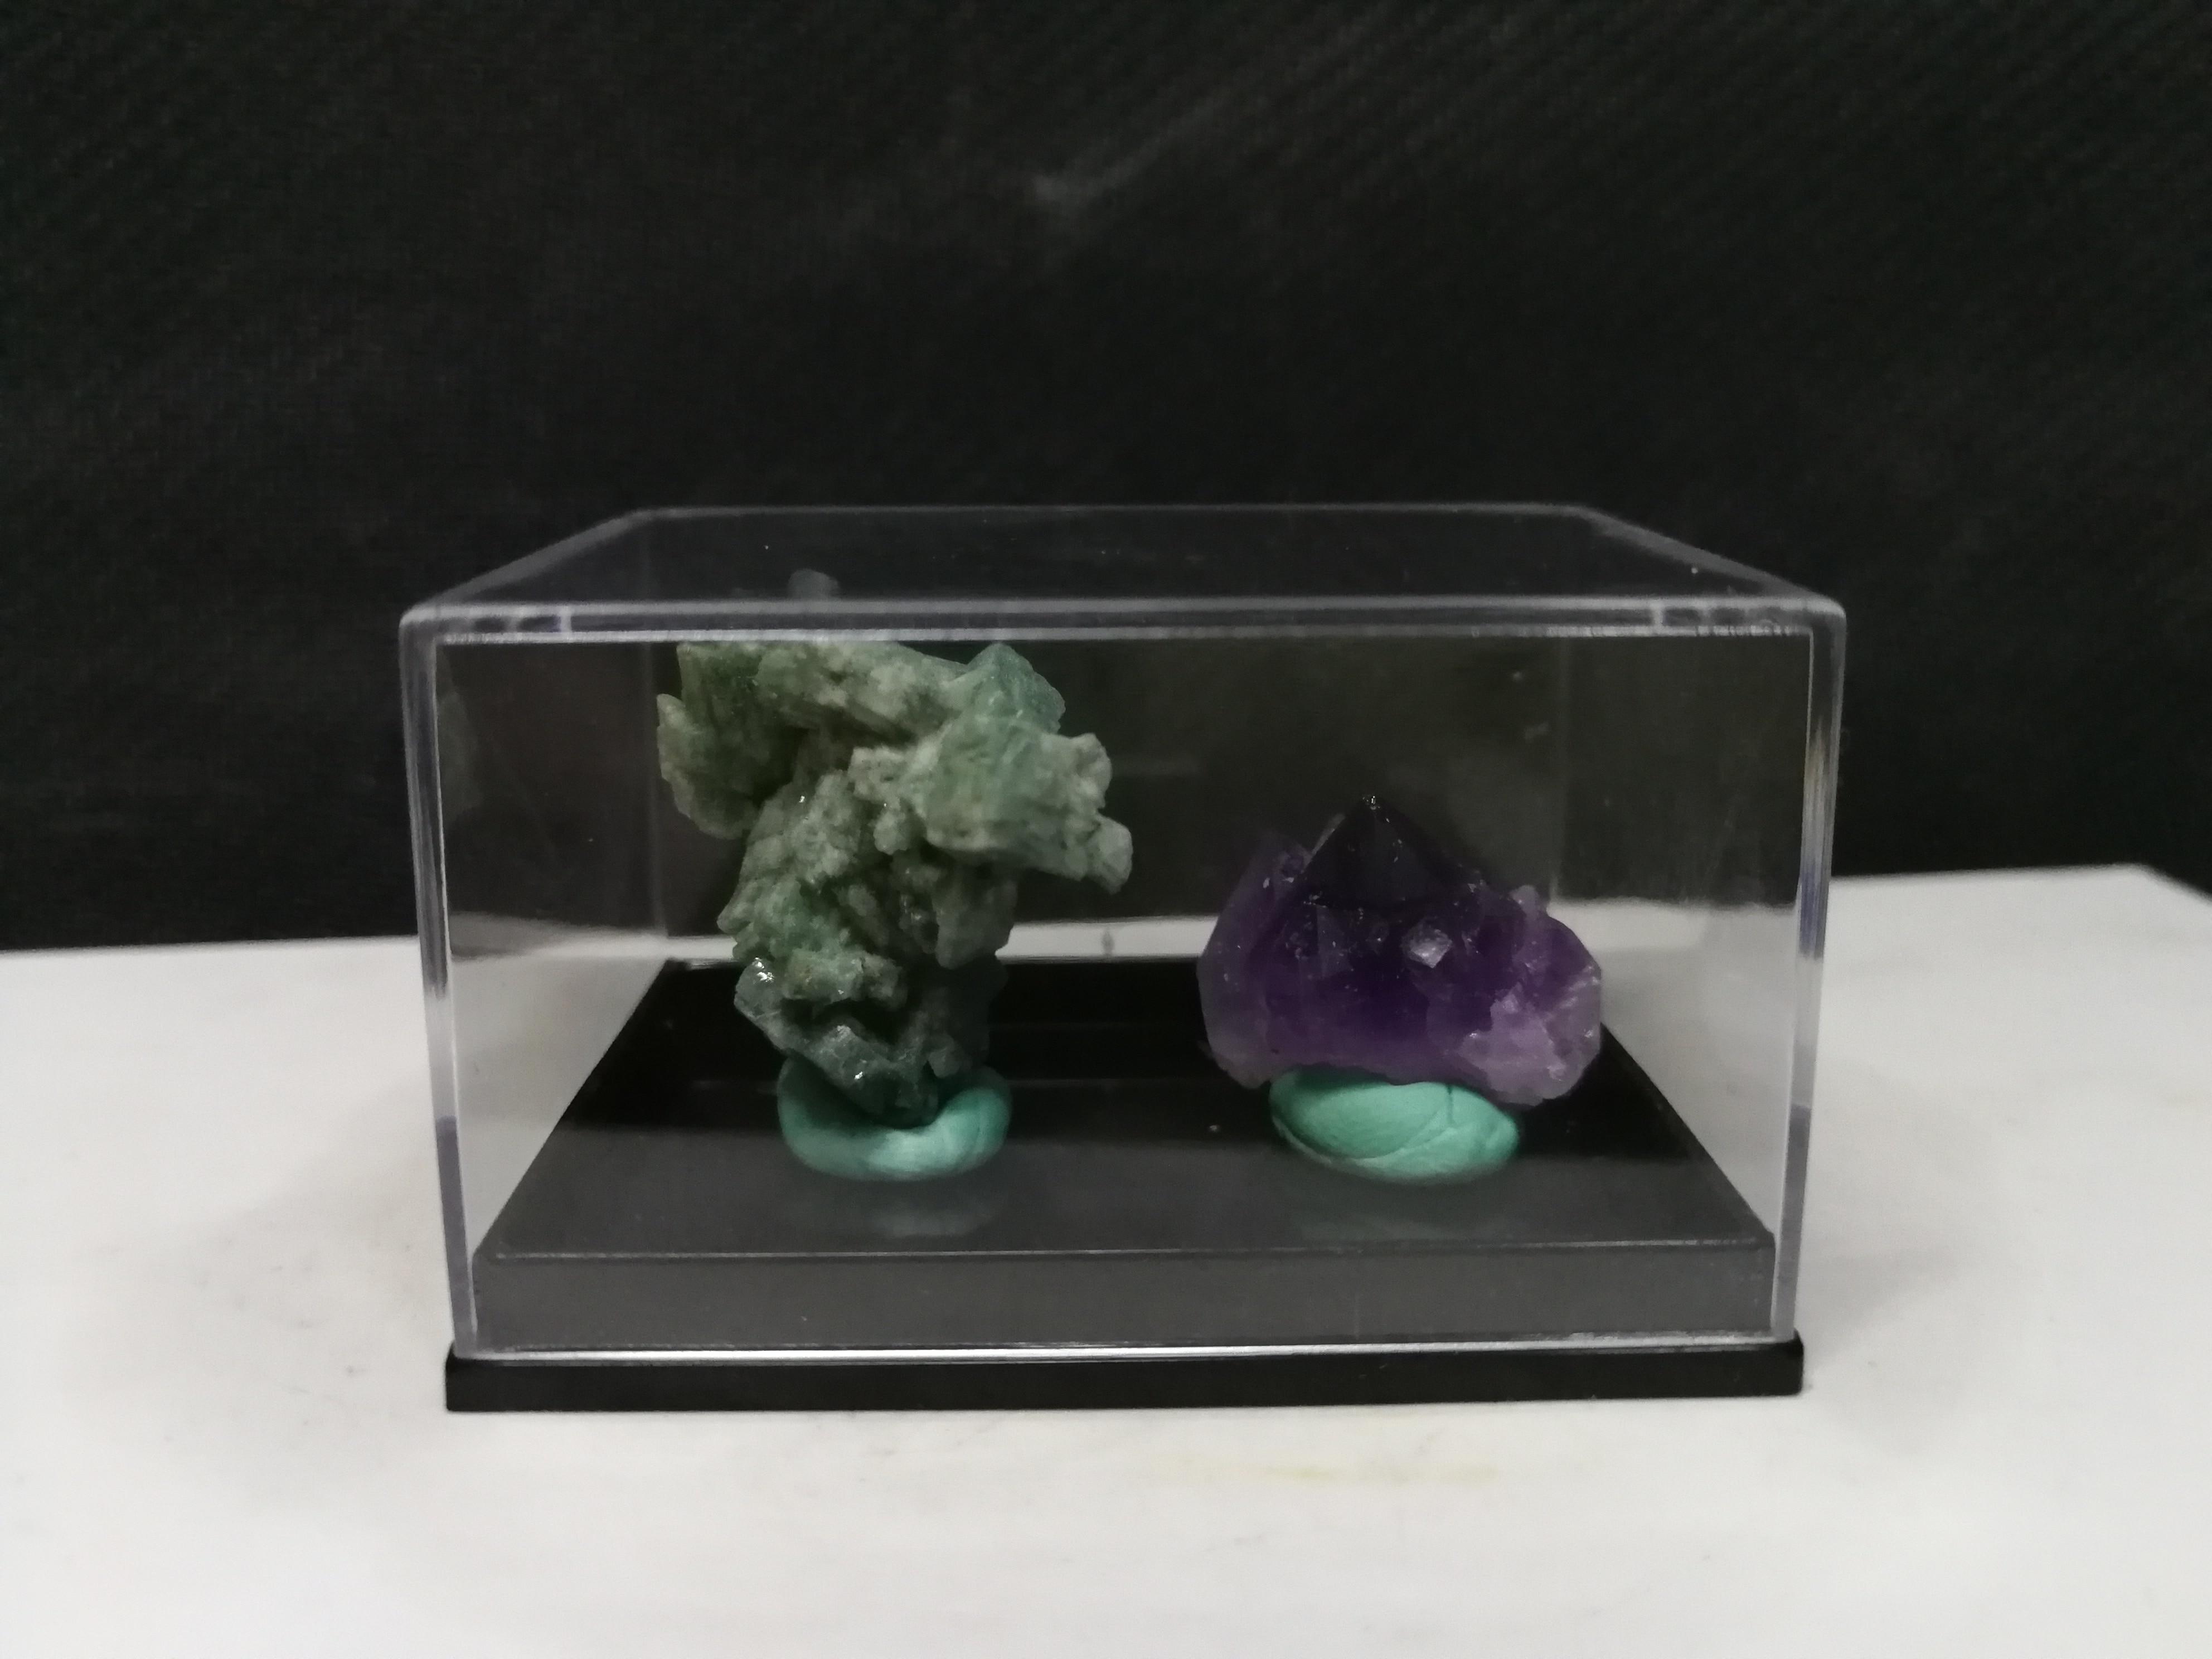 Grupo de Cristal de Água Caixa de Amostra de Cristal Gnatural Roxo Verde Calcite Mineral 22.0